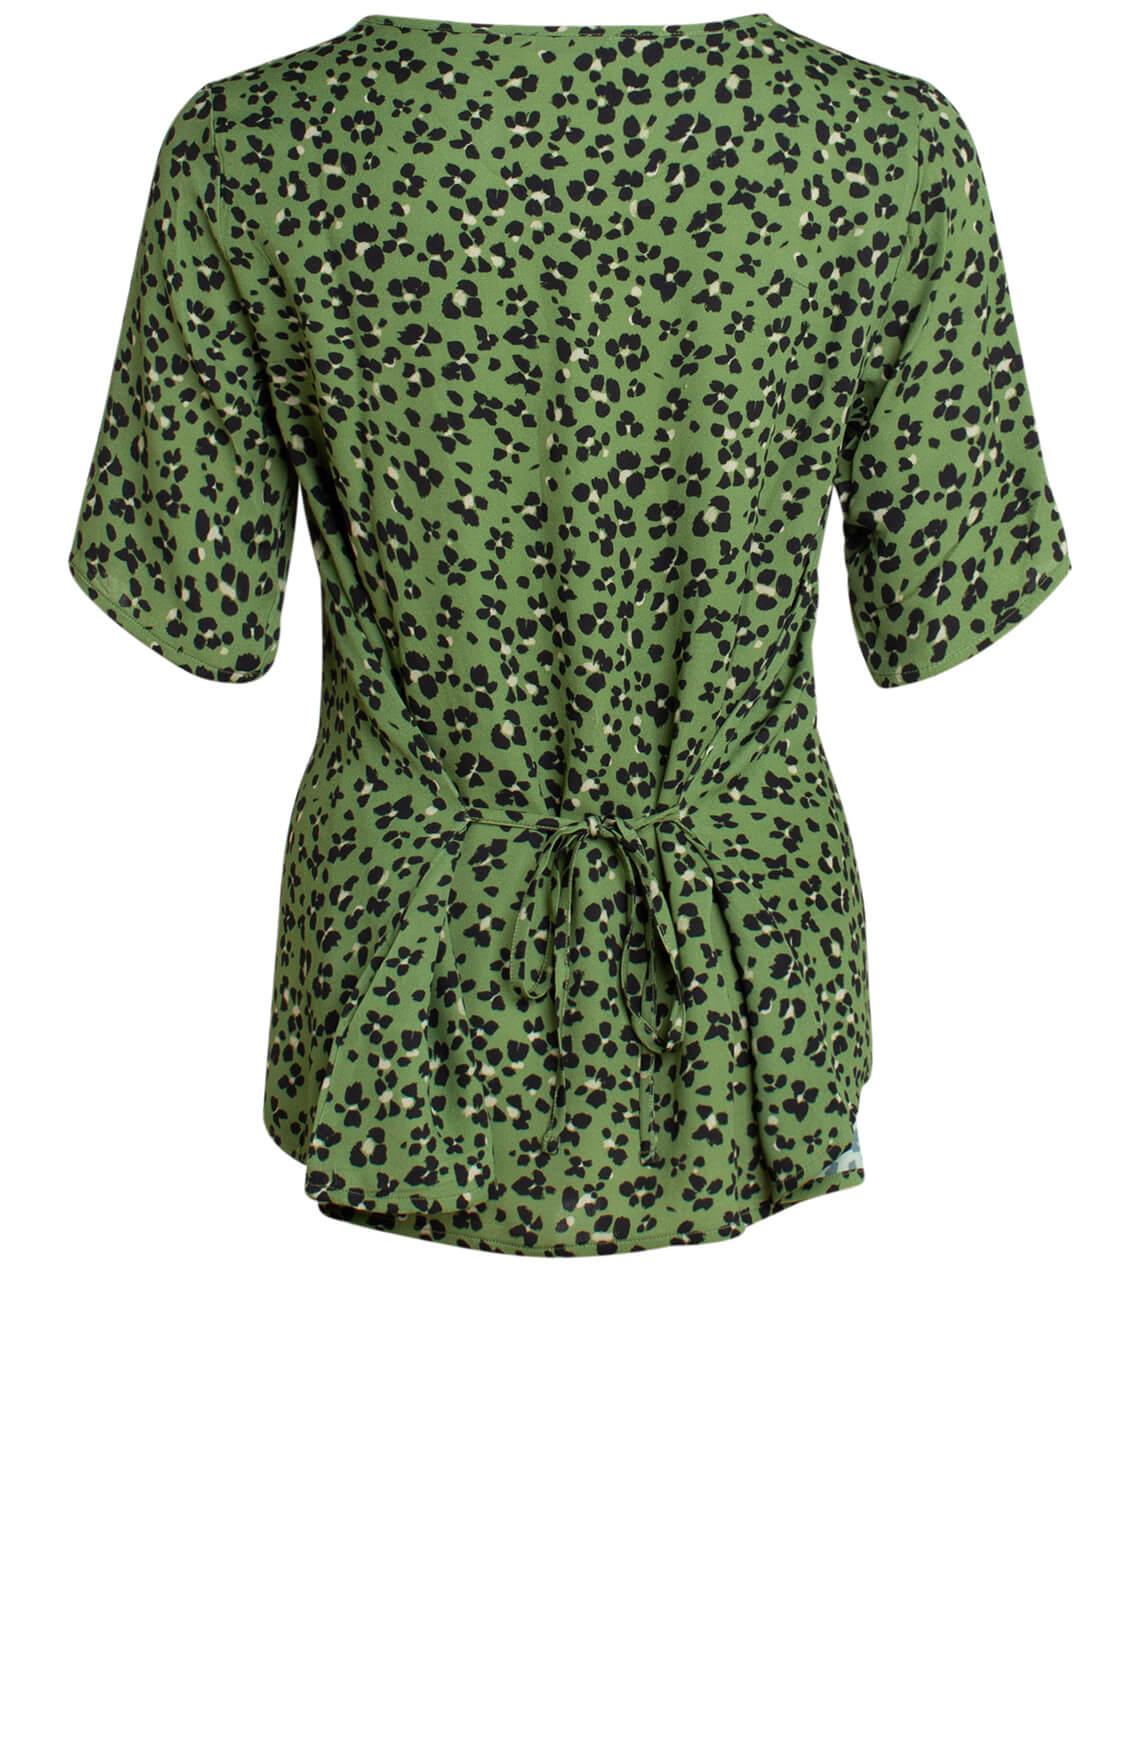 Anna Dames Panterprint blouse groen